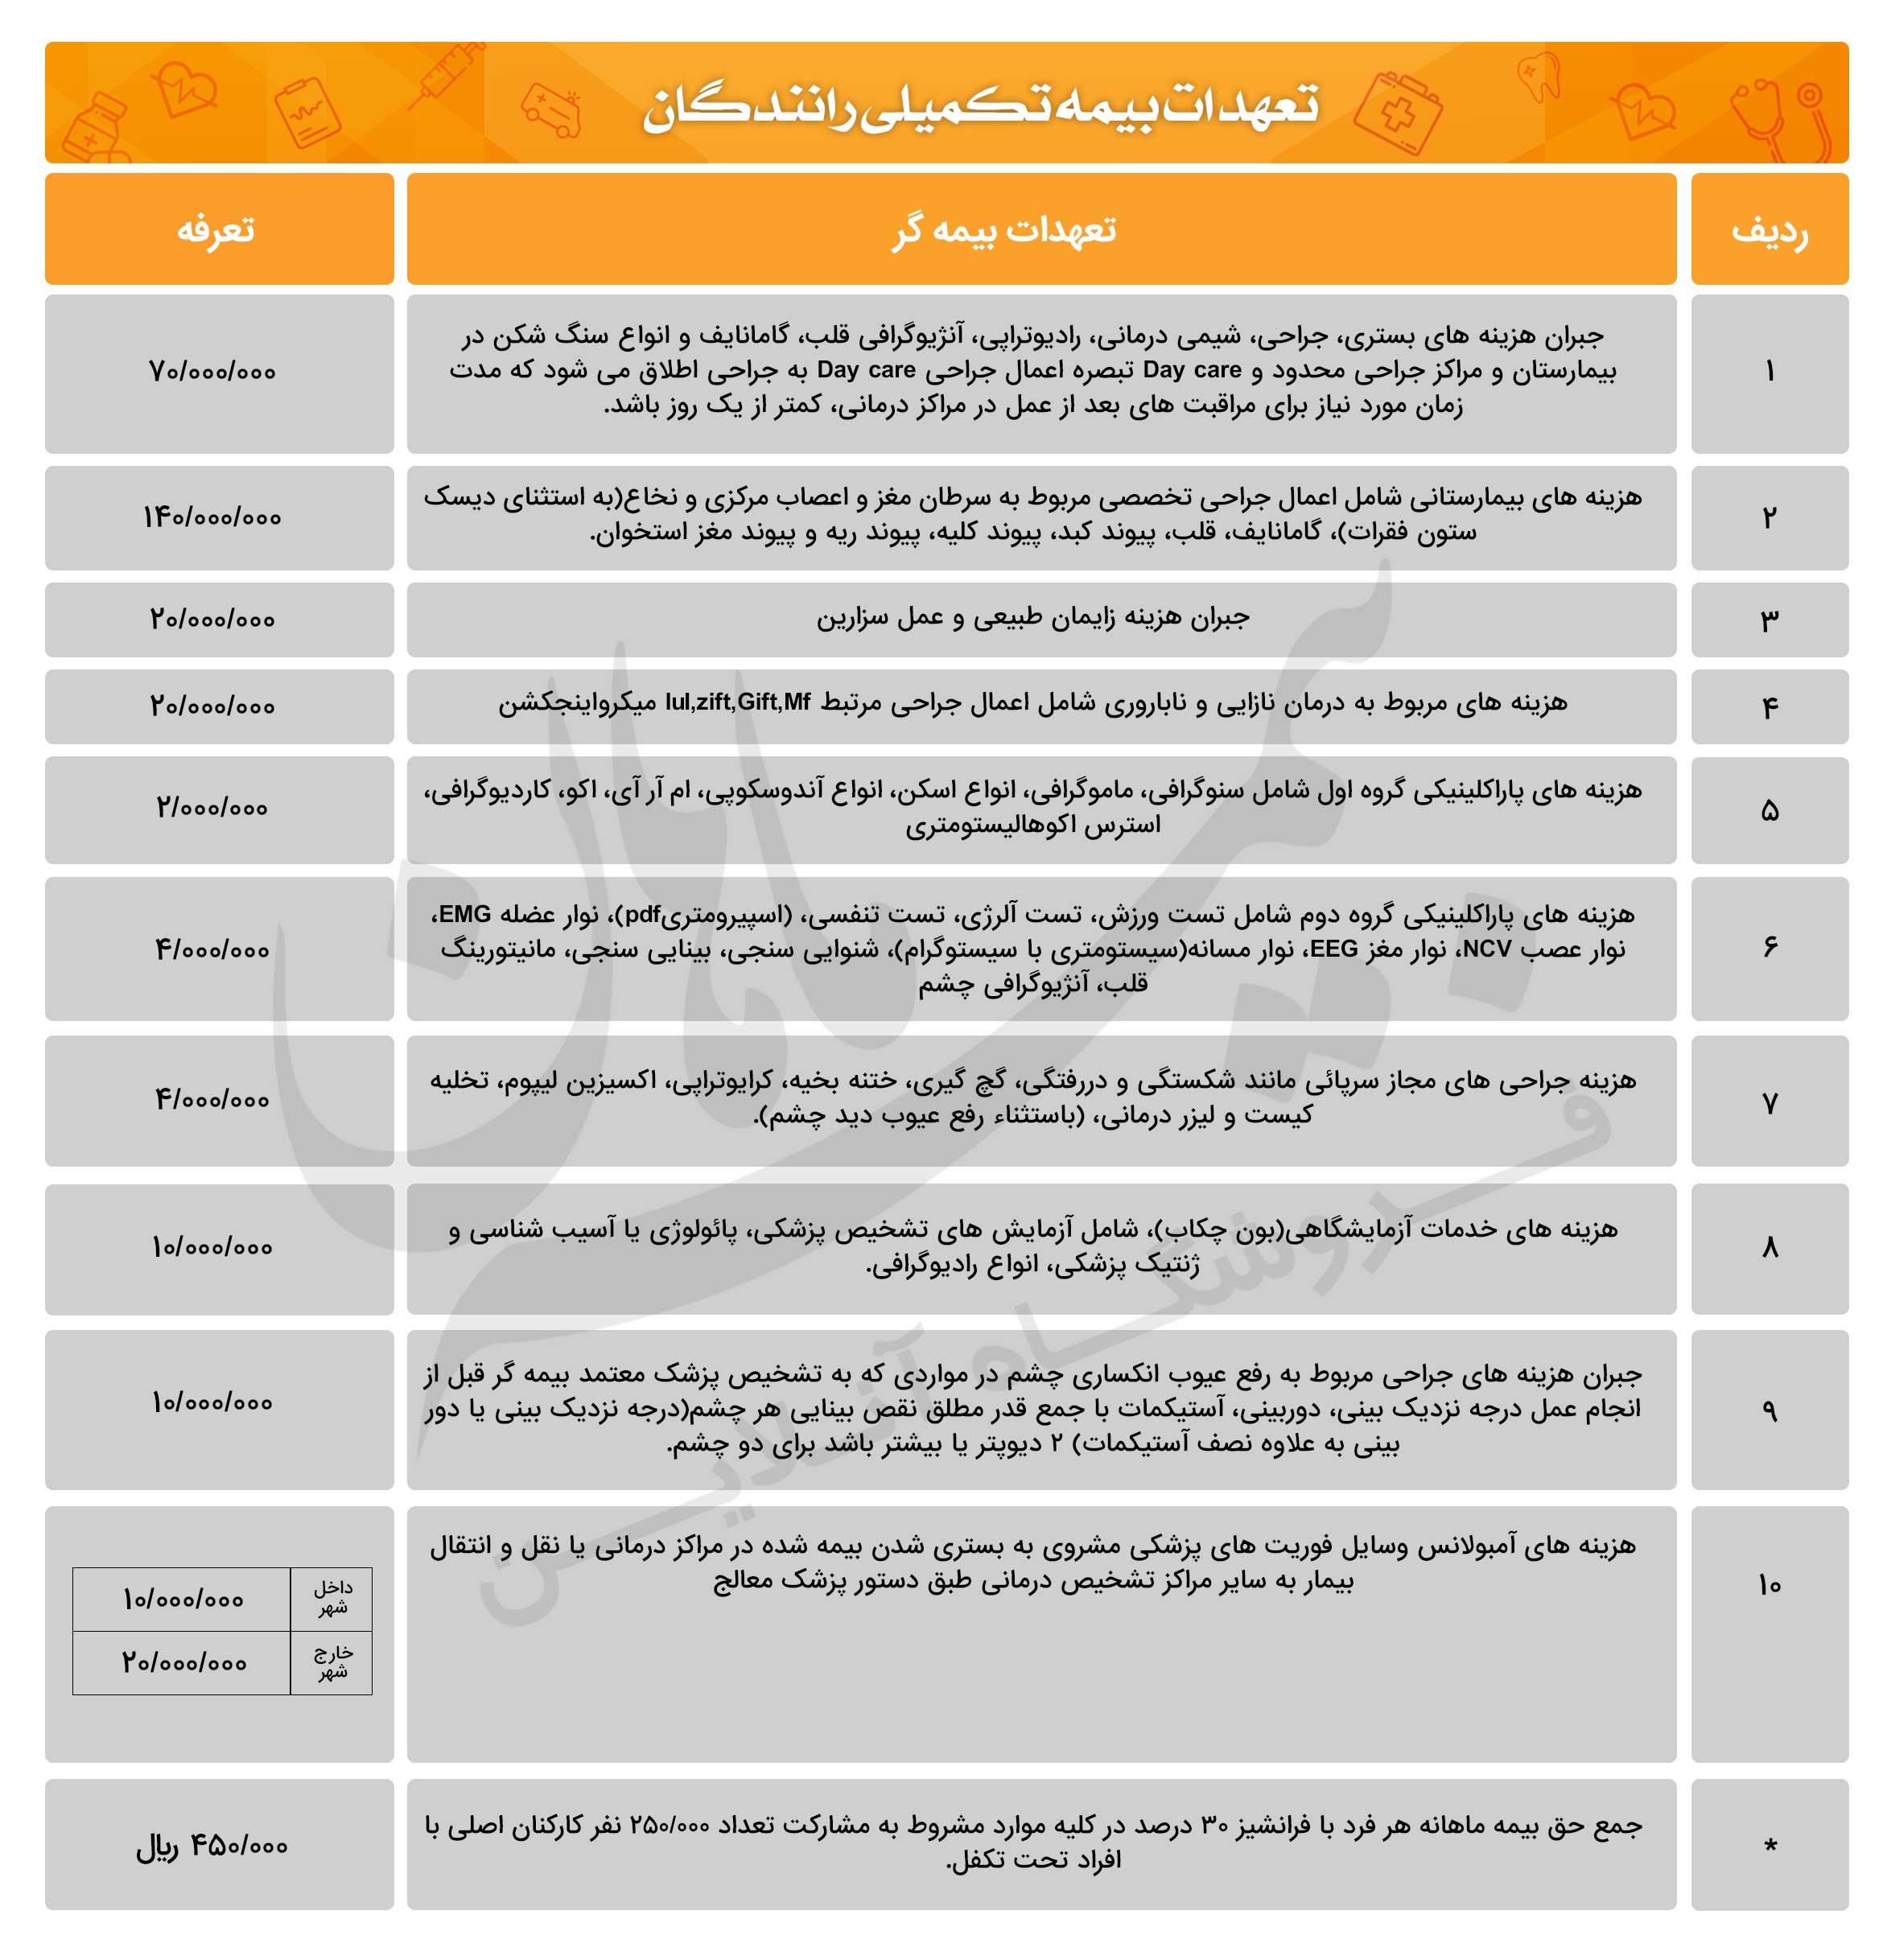 بیمه تکمیلی رانندگان – جزئیات ثبت نام و موارد تحت پوشش